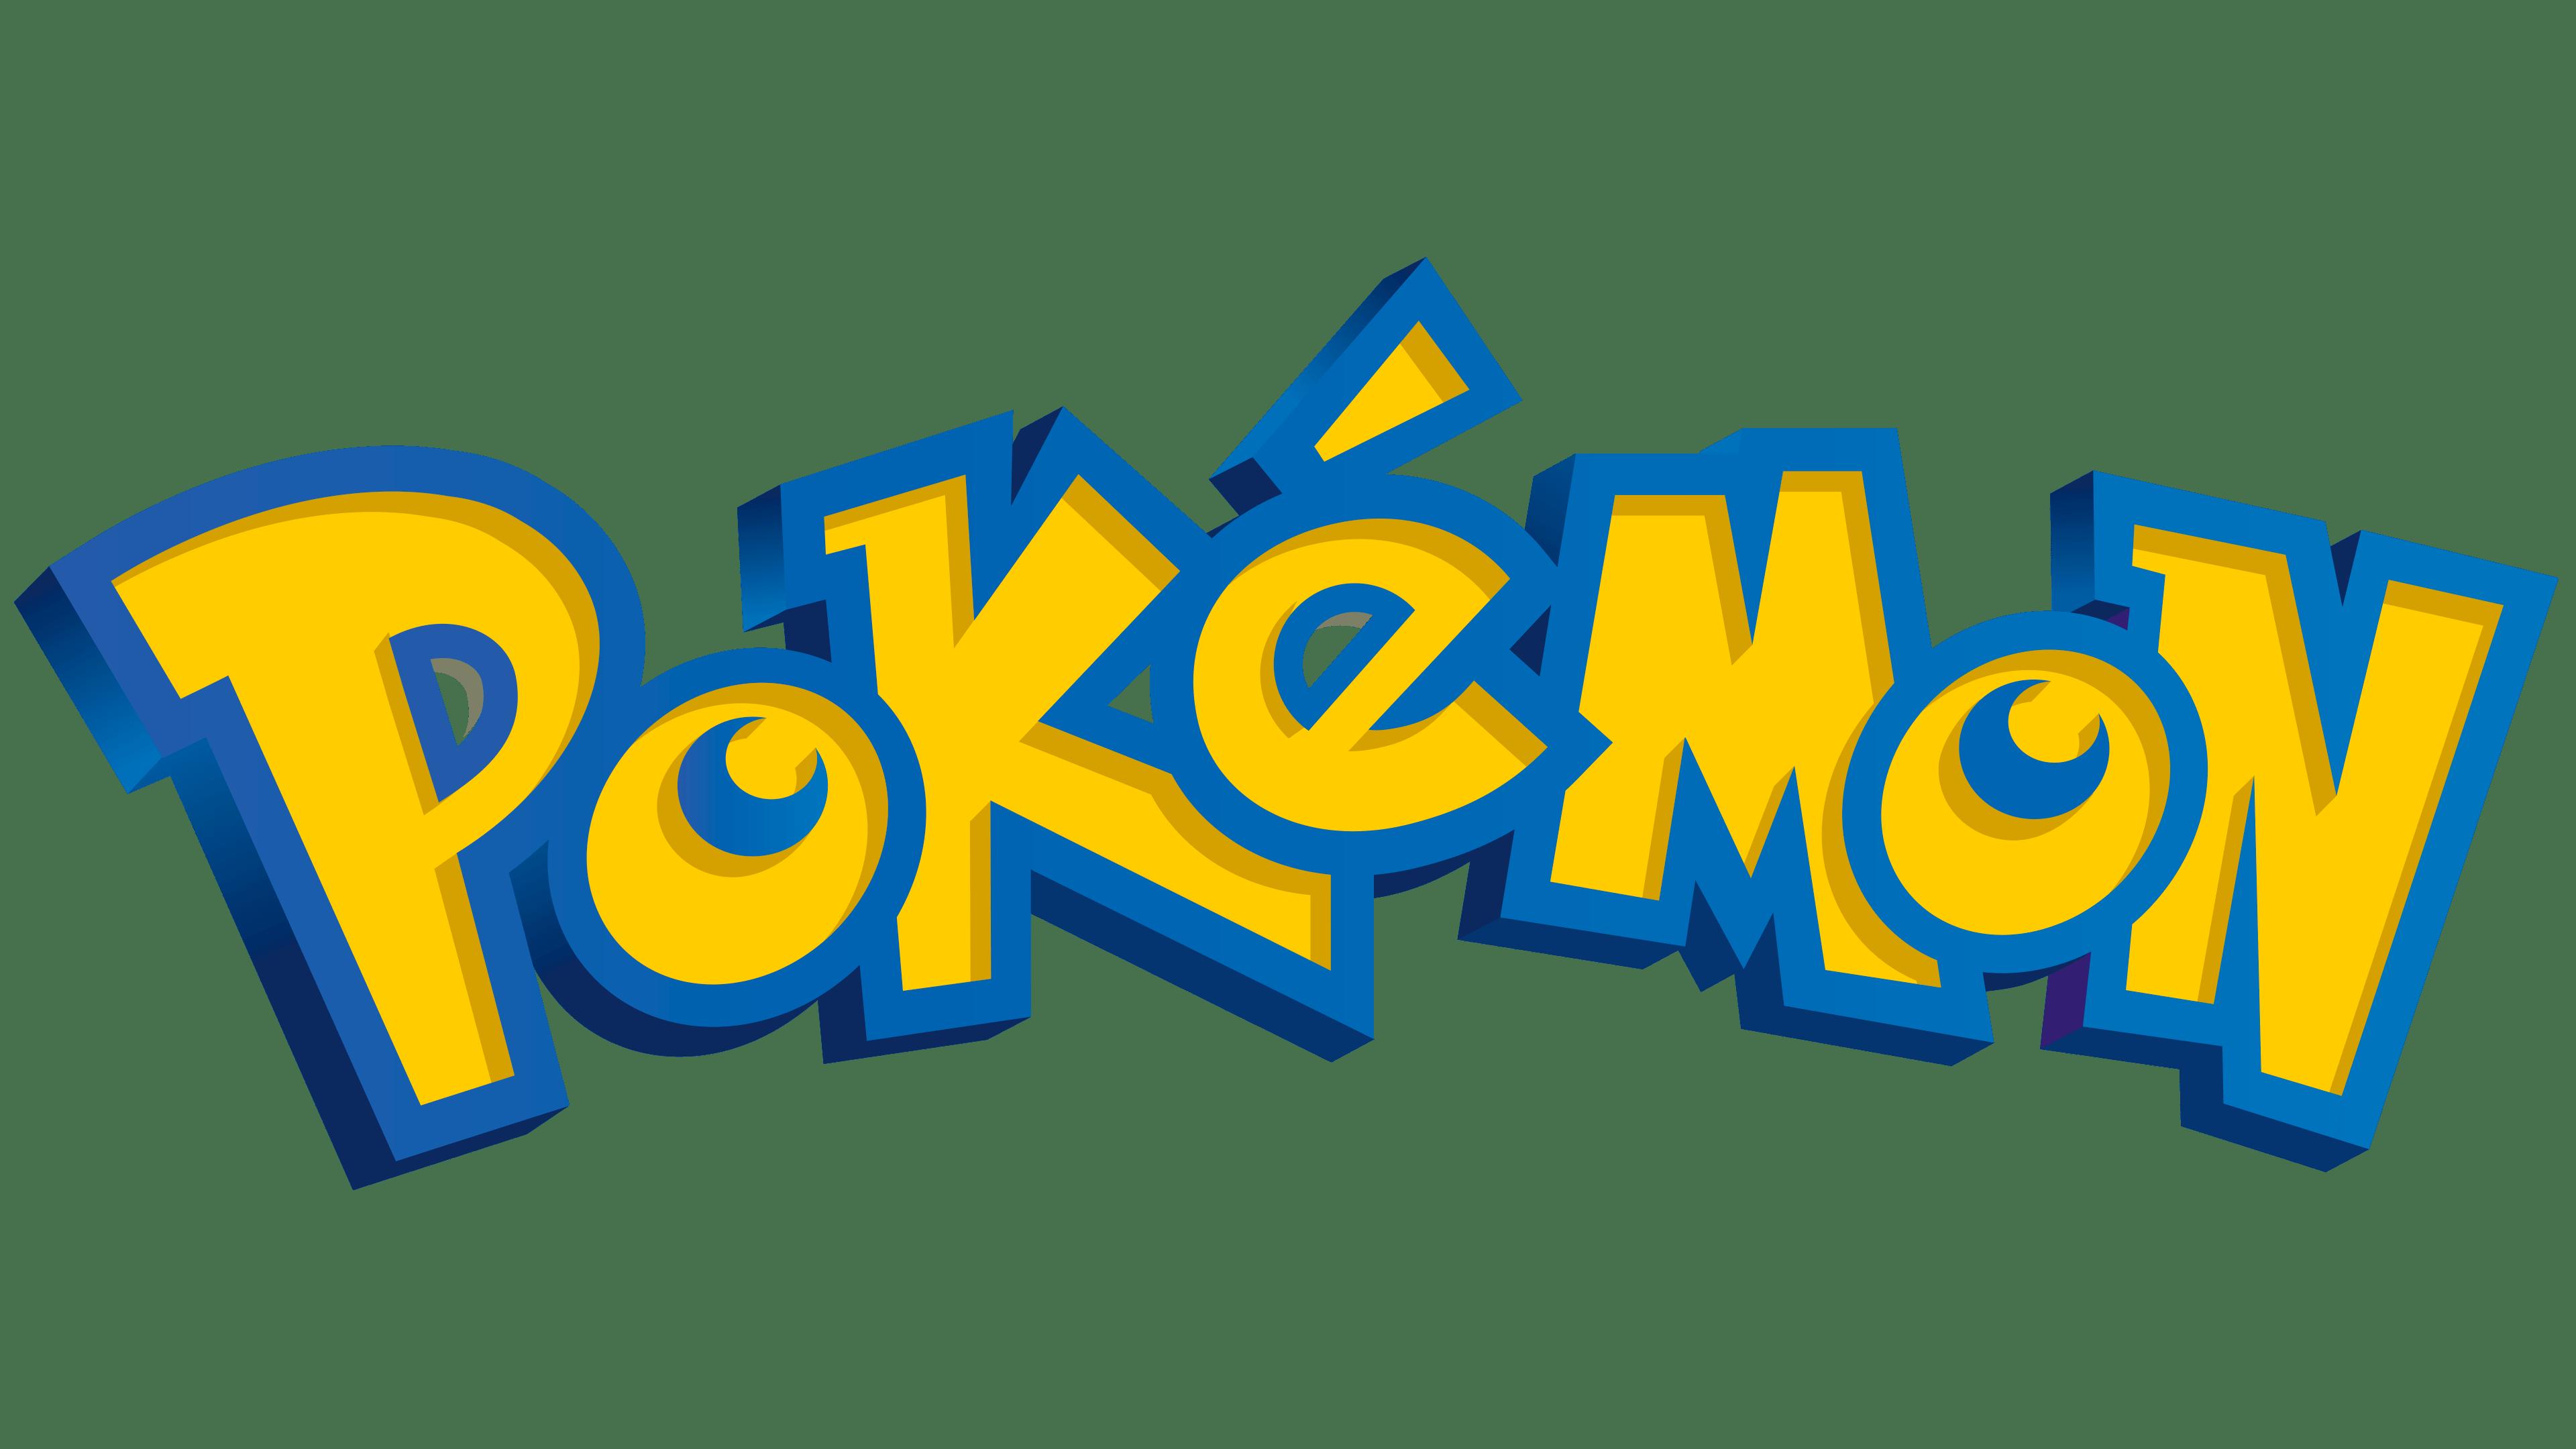 The Pok&eacutemon logo